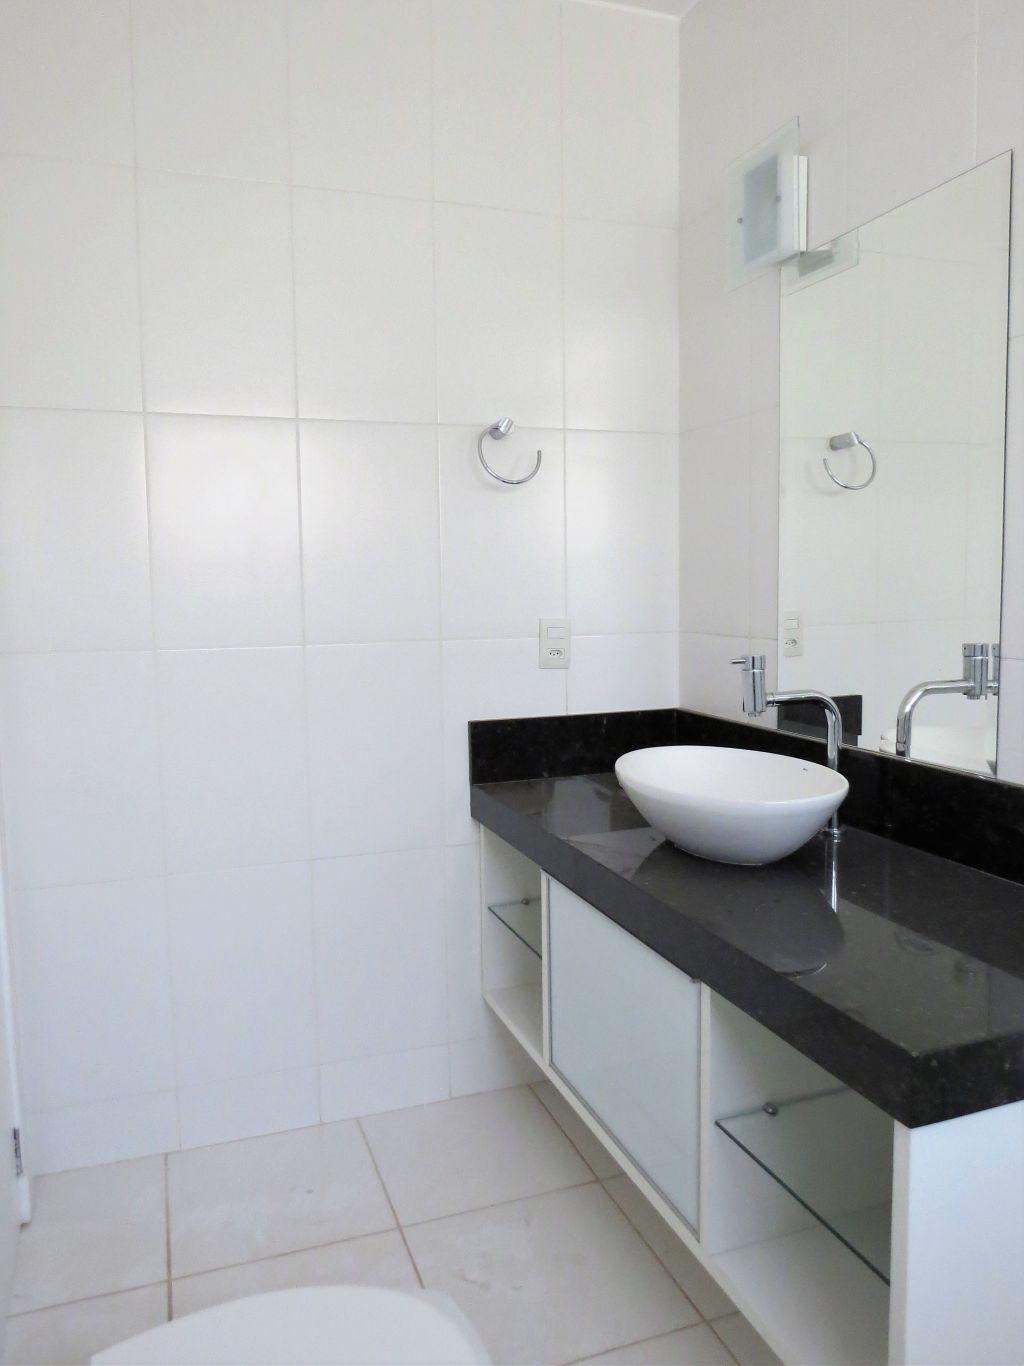 Venda - Casa - Casa em Condomínio - PR - Ponta Grossa - Oficinas - Rua Doutor Leopoldo Guimarães da Cunha - Madol Imóveis - 108443-4